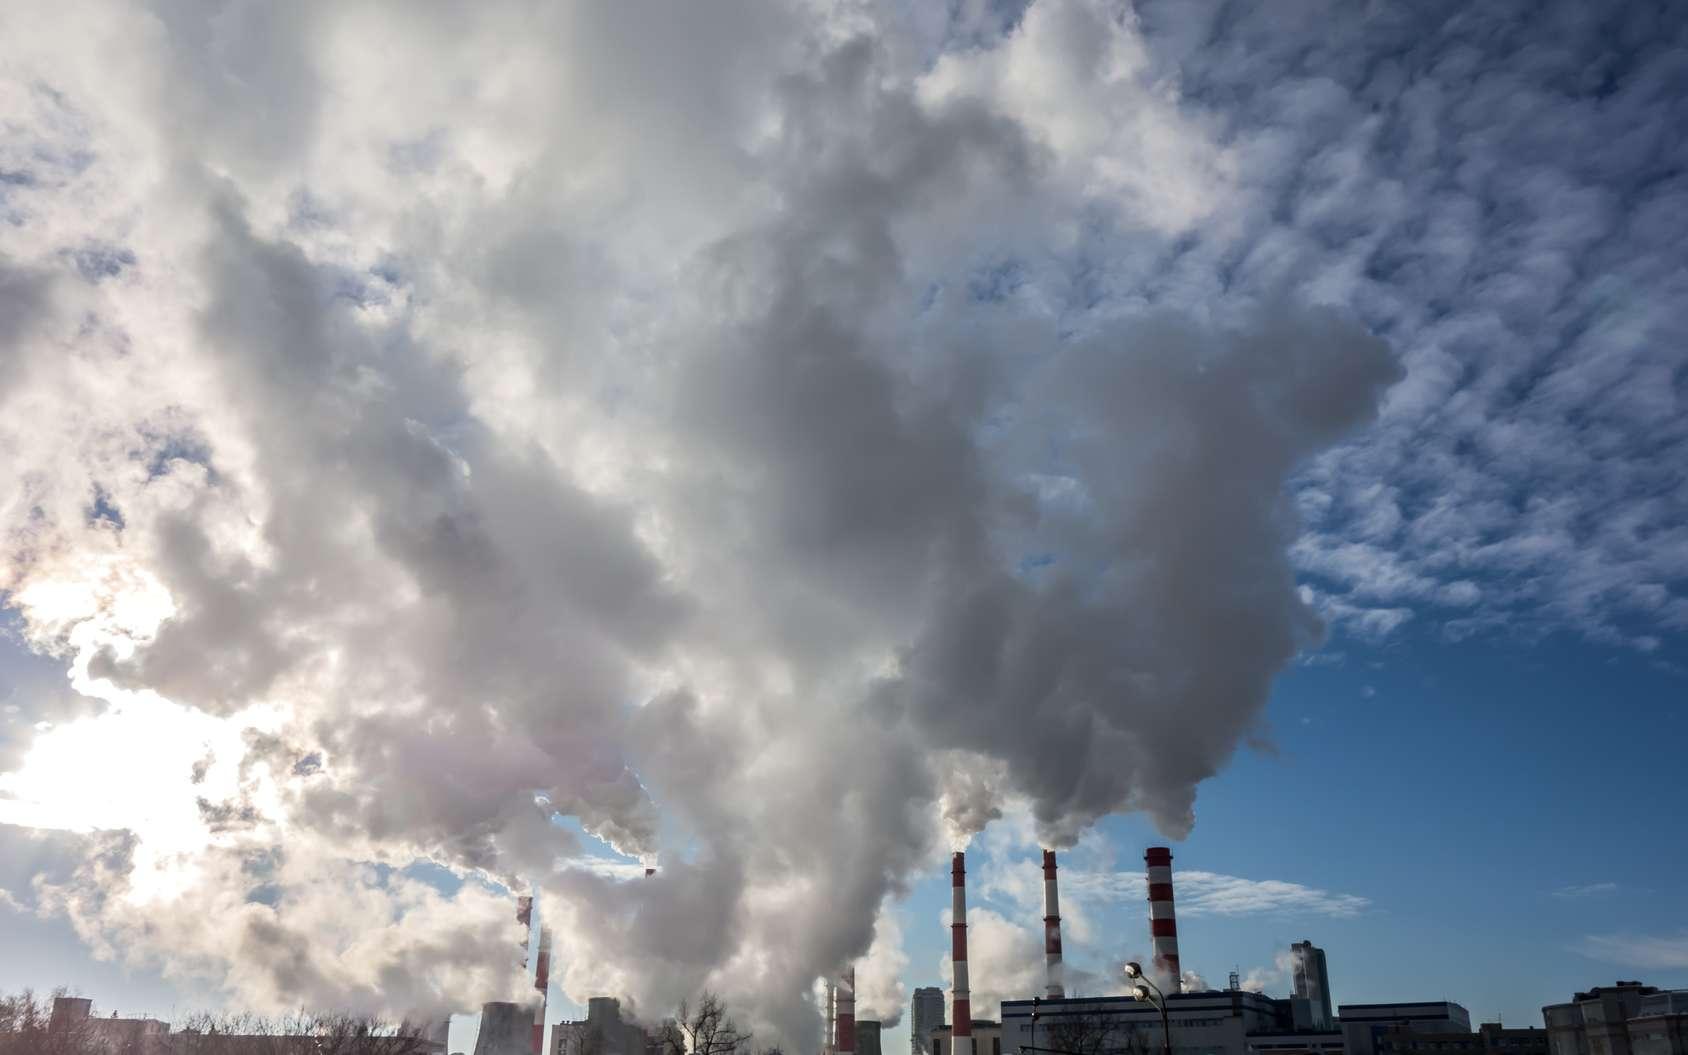 Les chiffres du changement climatique sont désastreux. Sans actions coordonnées et immédiates, l'avenir du vivant sera inévitablement compromis. © ivanoel, Fotolia